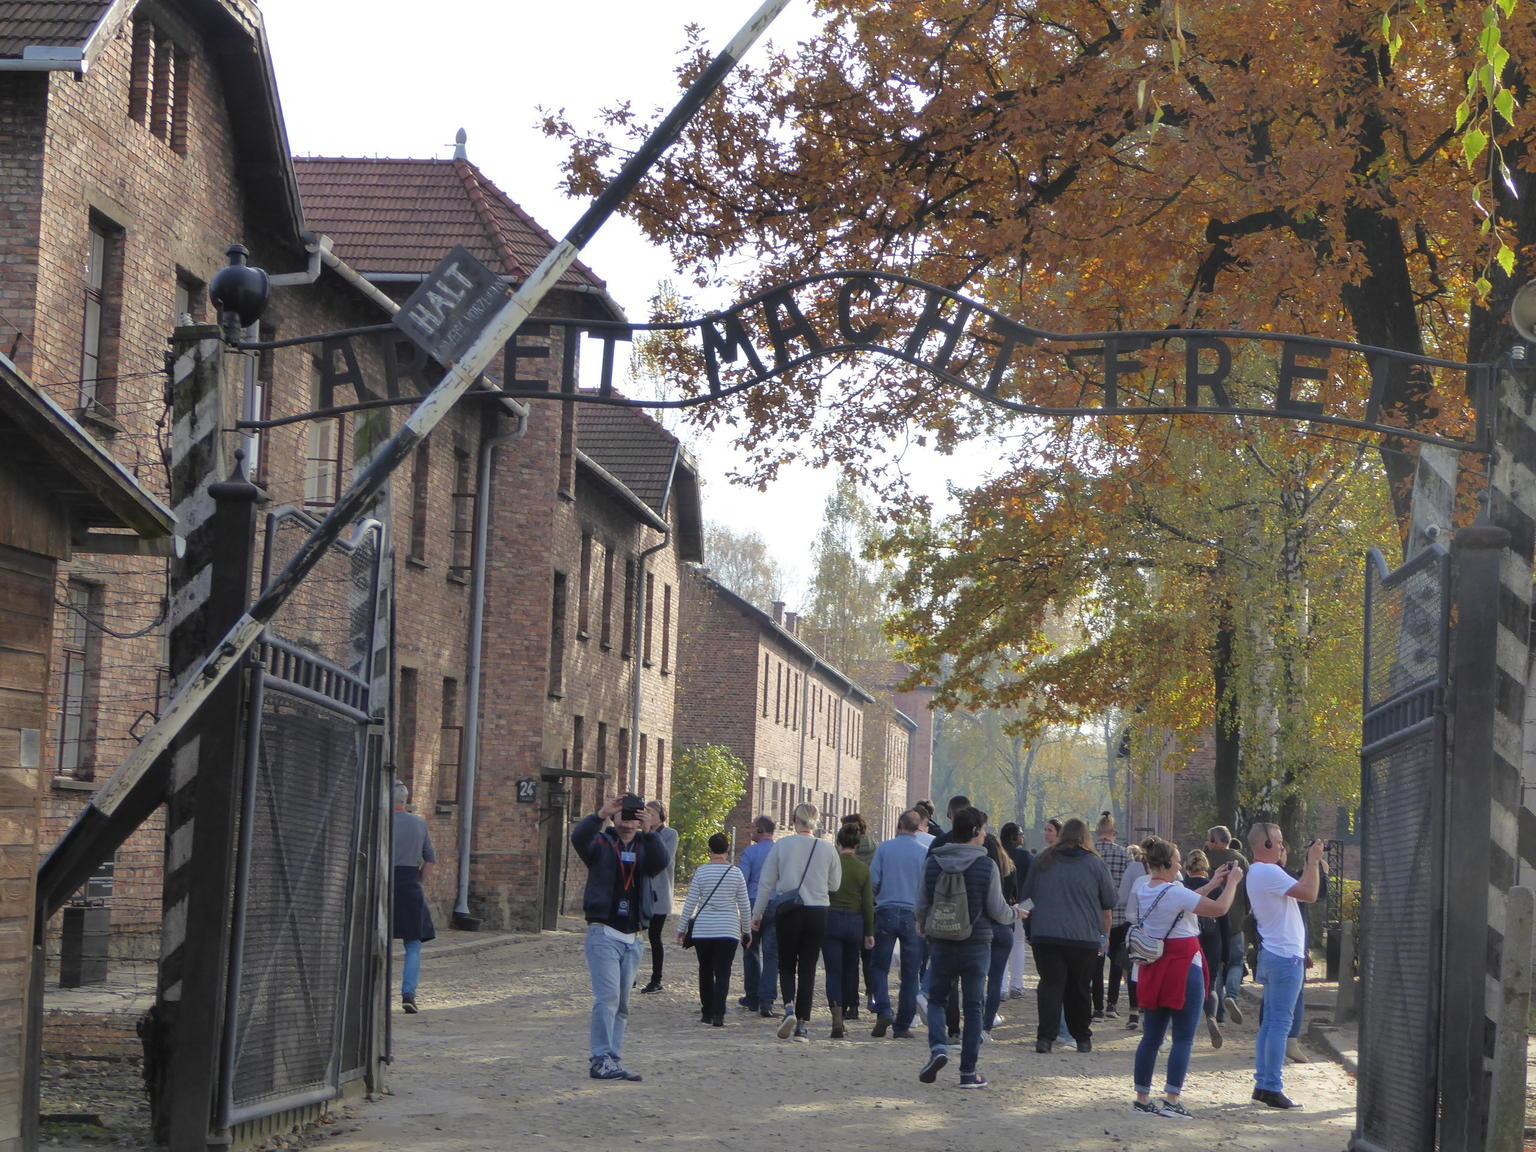 MÁS FOTOS, Excursión de día completo a Auschwitz-Birkenau y a la mina de sal de Wieliczka desde Cracovia con almuerzo incluido